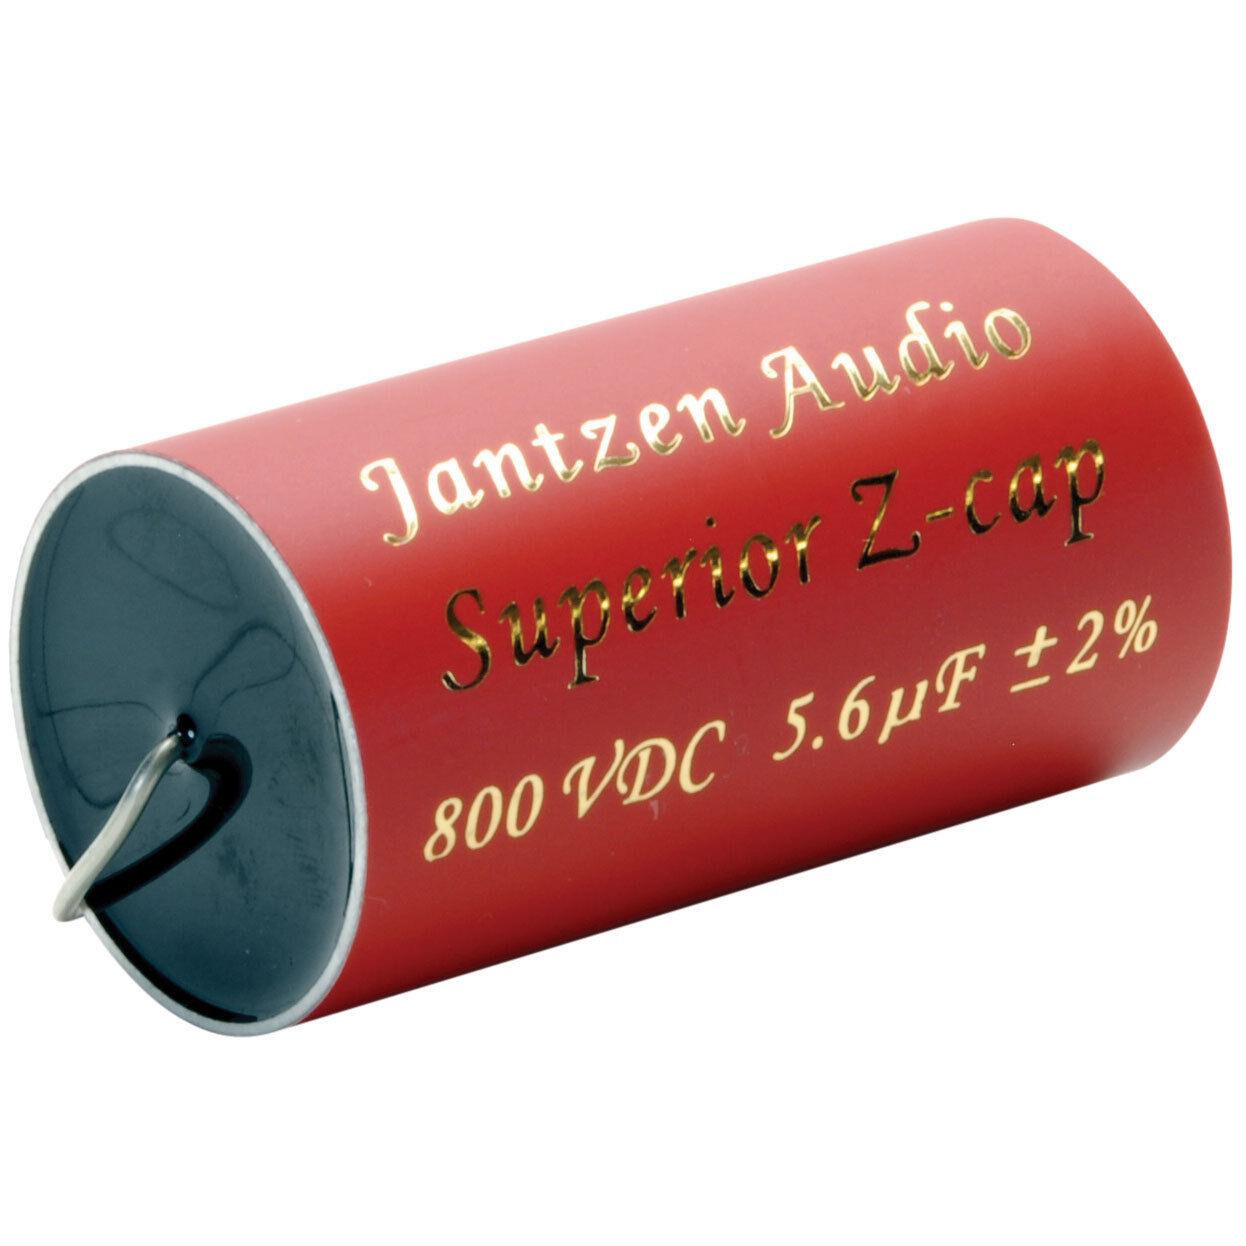 Jantzen 0674 8.2uF 800V Z-Silver Capacitor